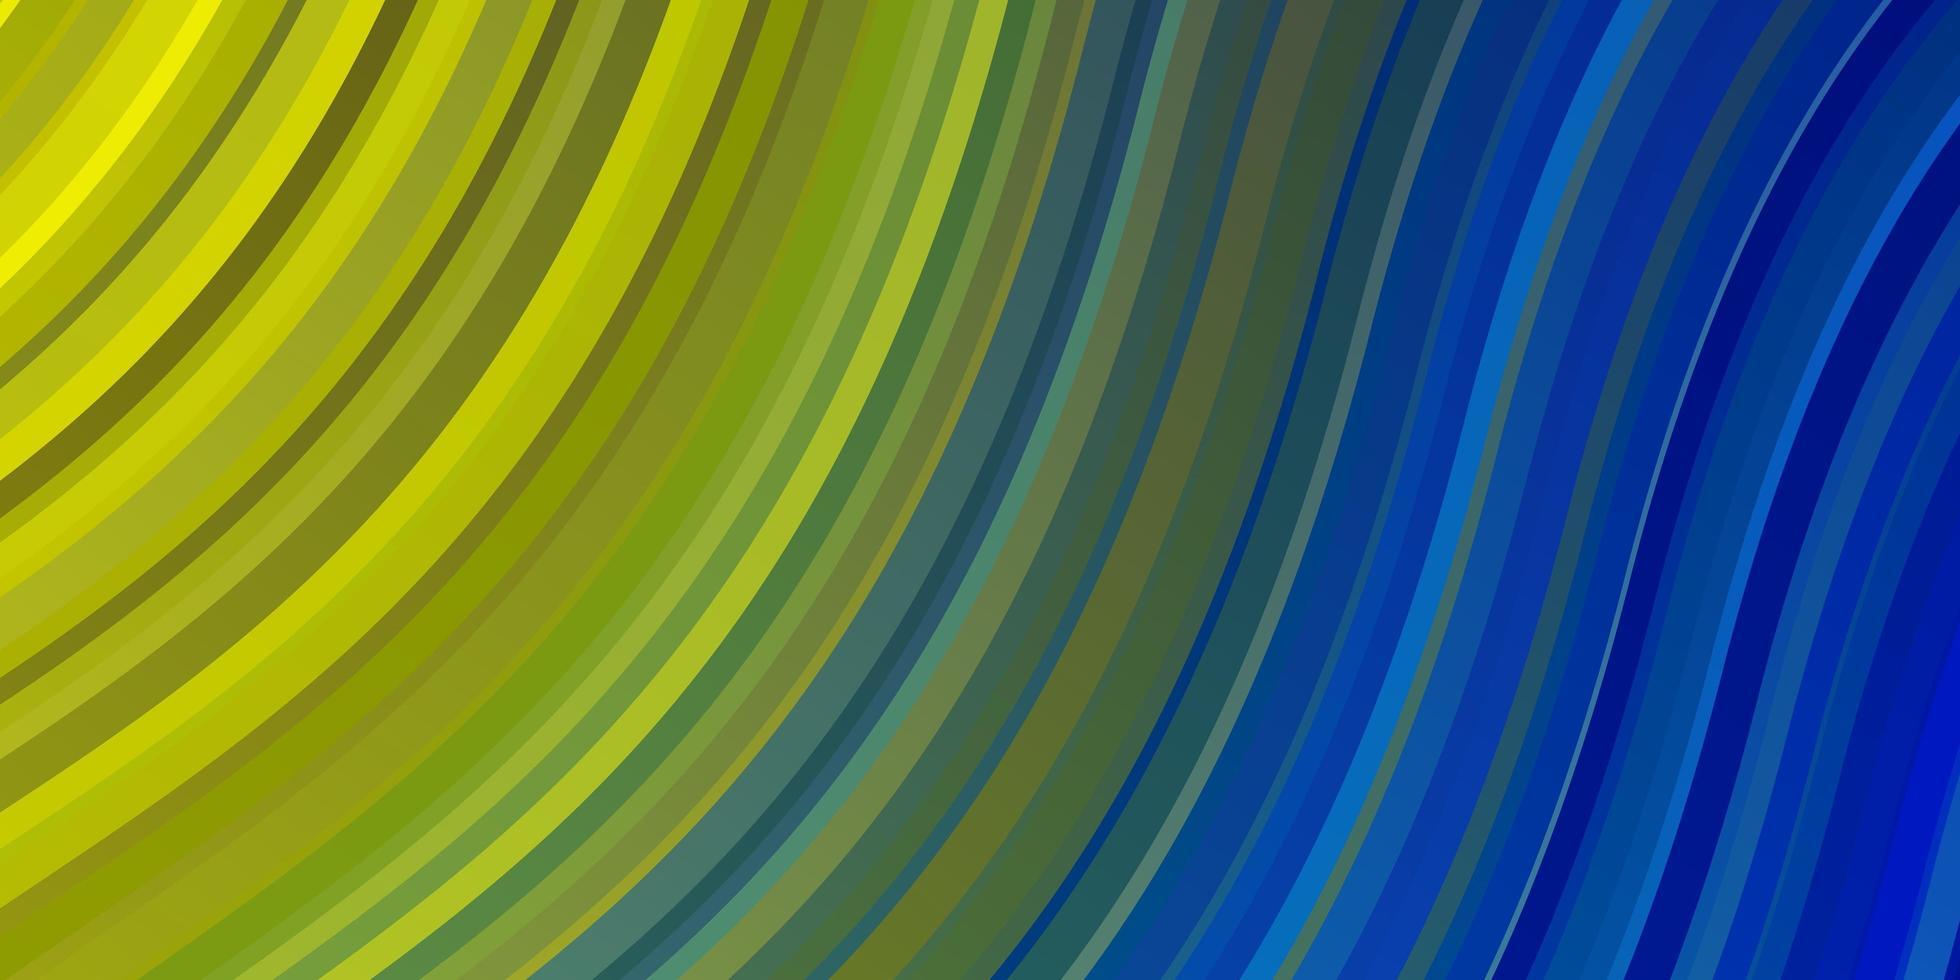 fundo vector azul e amarelo claro com linhas dobradas.